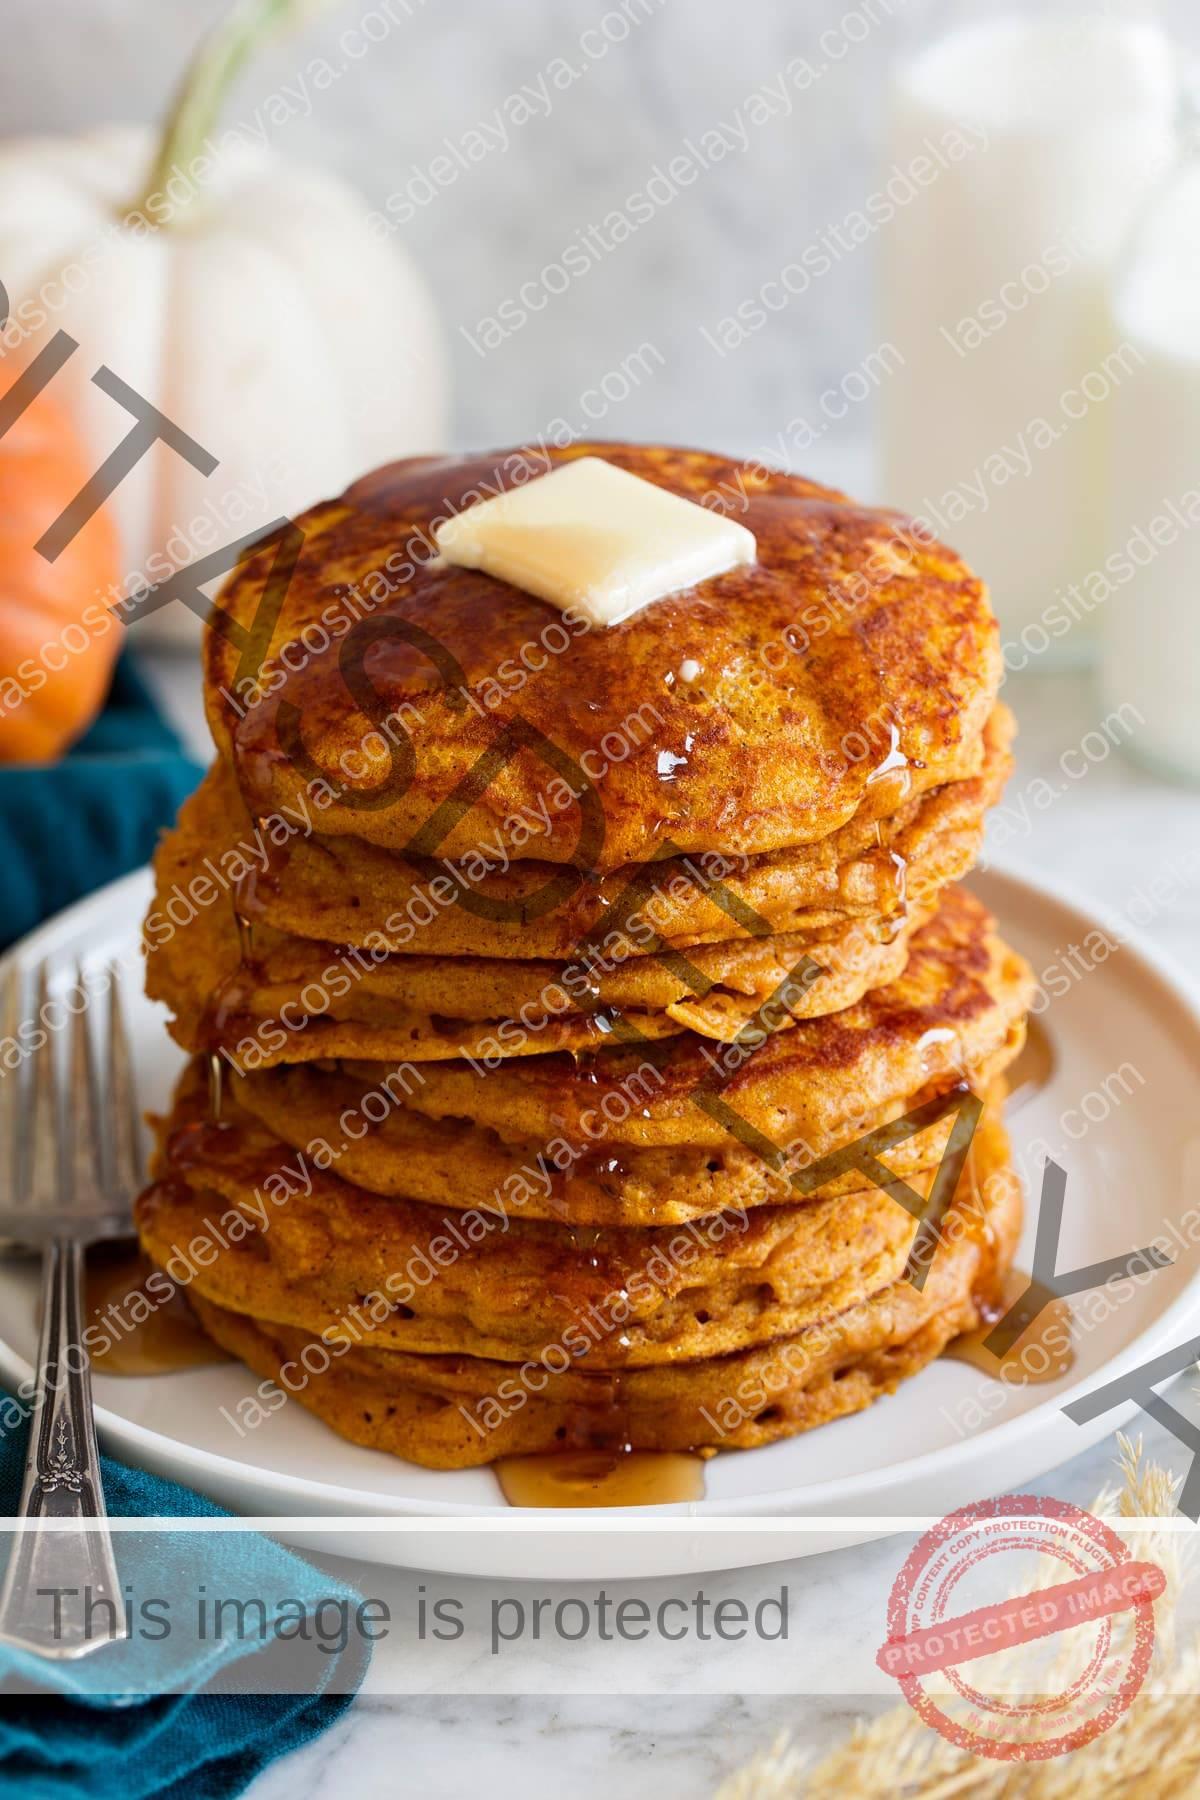 Pila de panqueques de calabaza en una bandeja.  Los panqueques se rocían con jarabe de arce y se cubren con mantequilla.